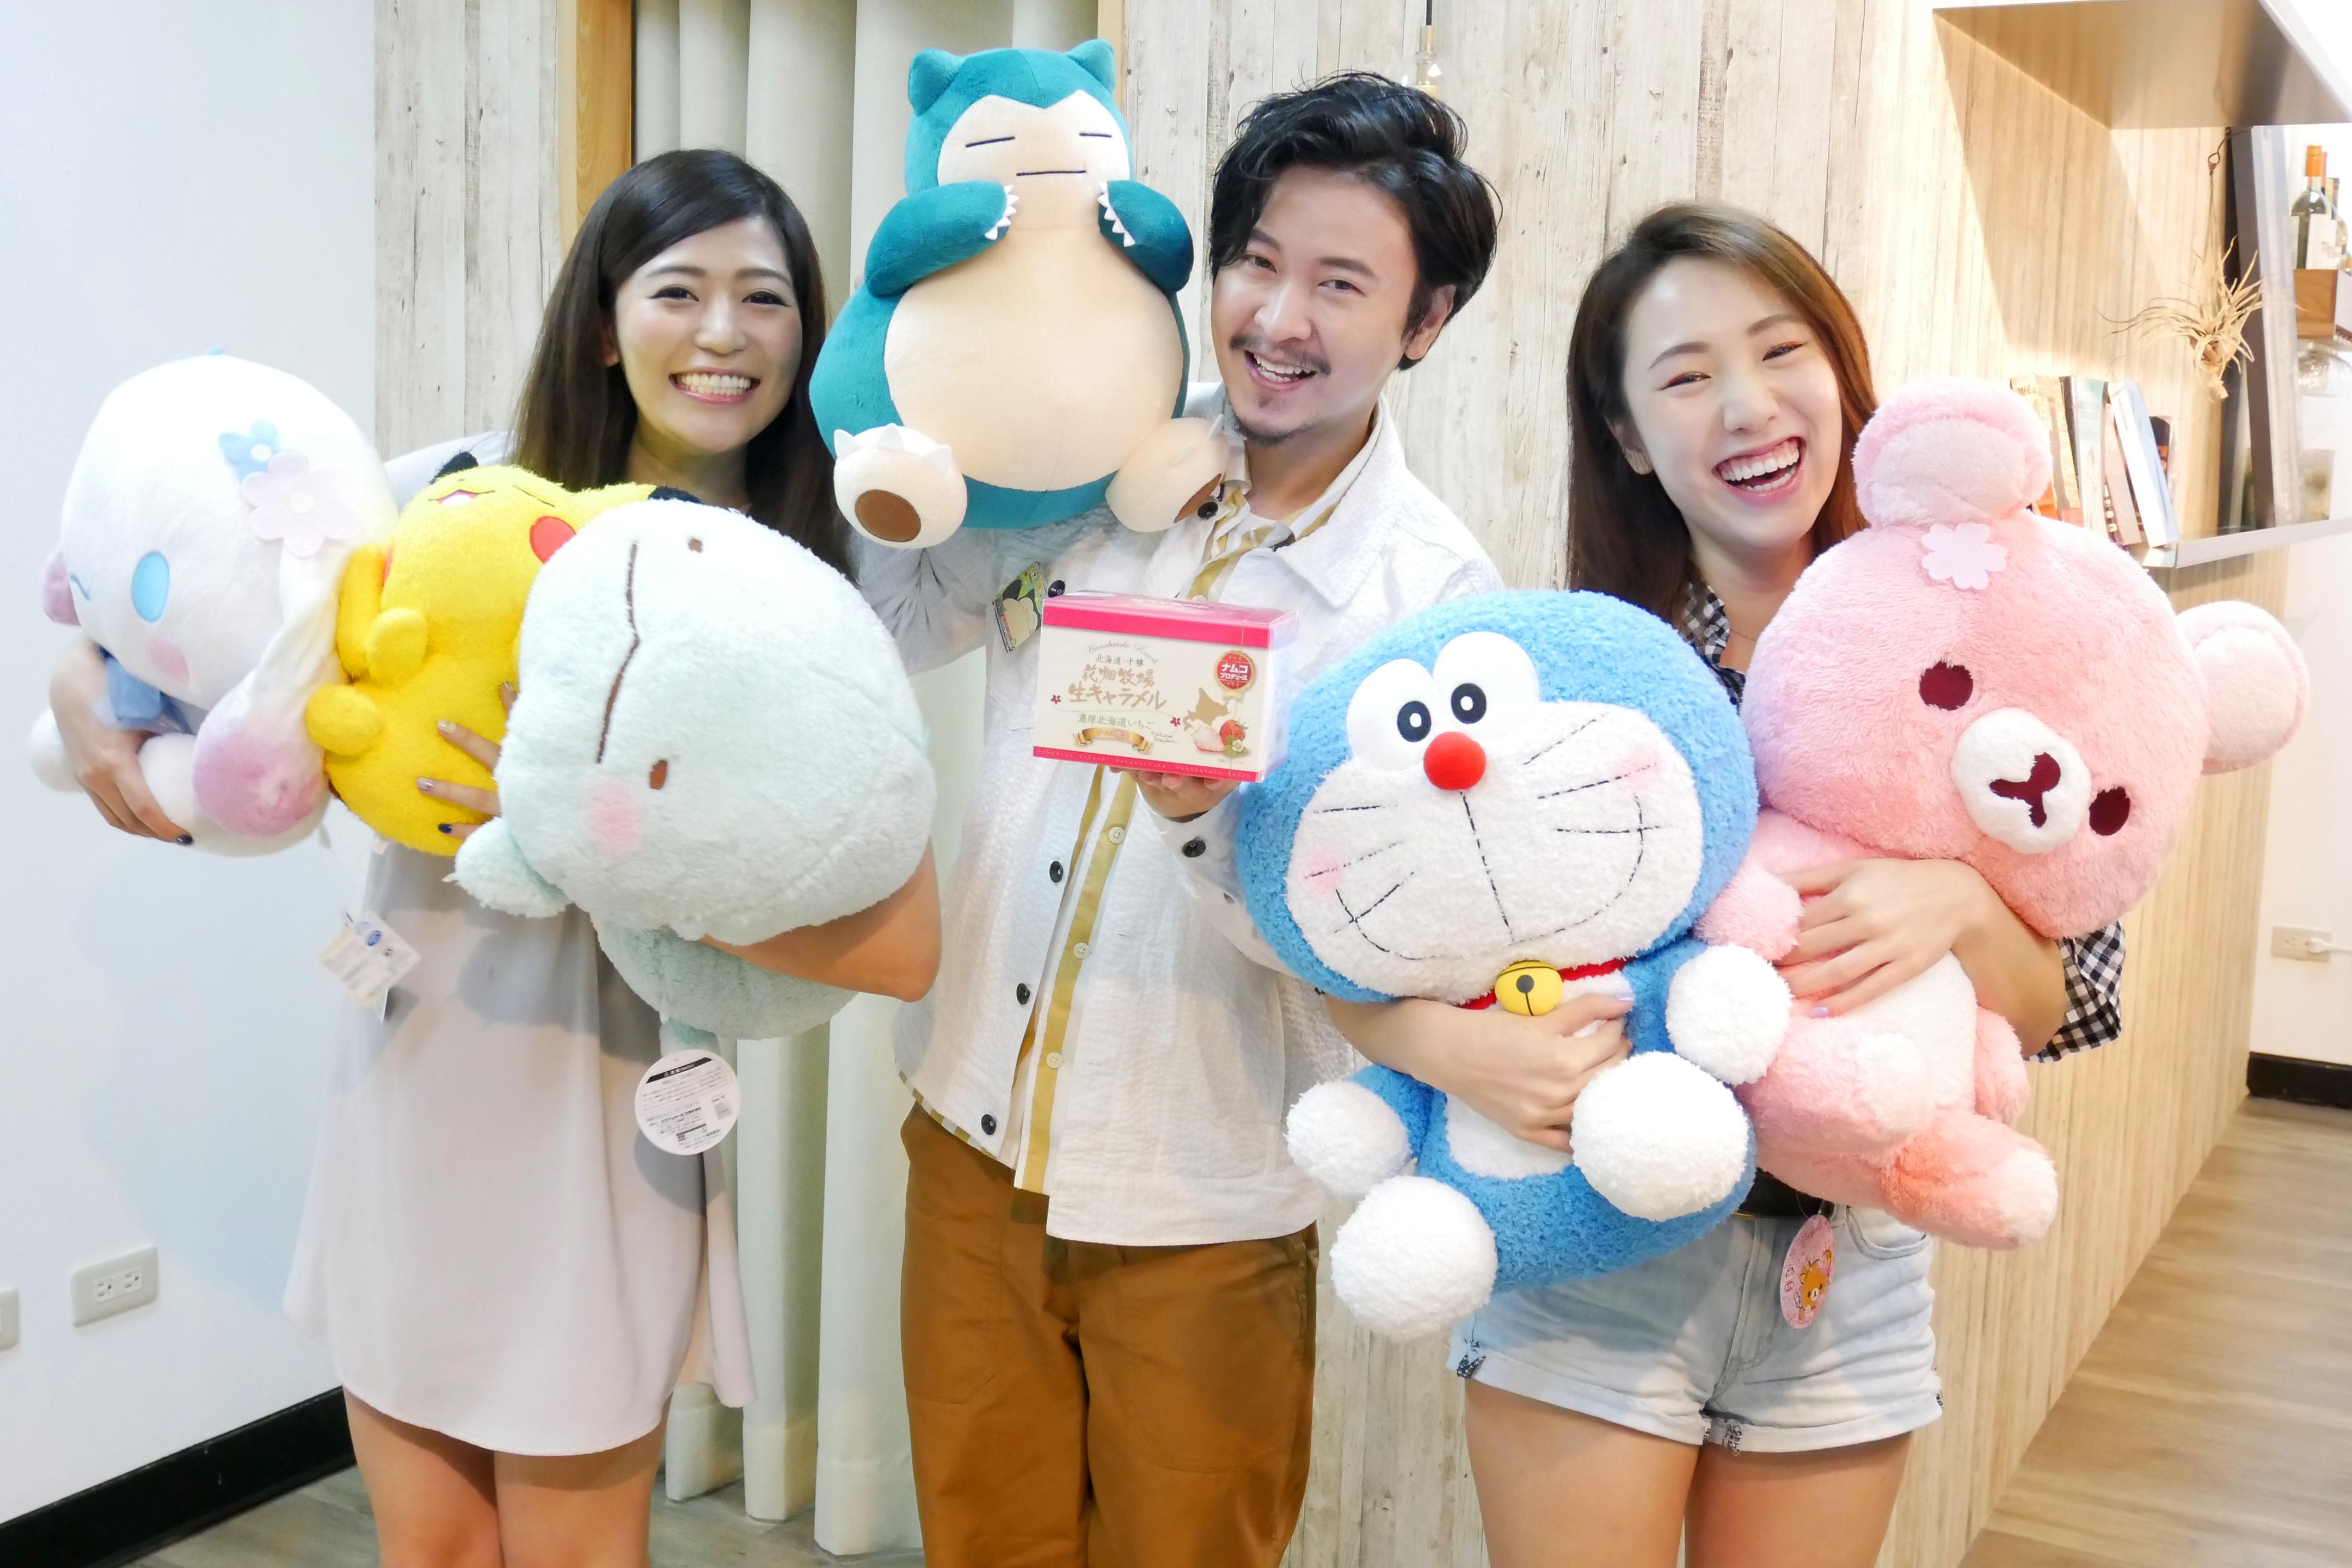 日本線上夾娃娃機「ToRu夢」,可遠端抓取各式正版的限量商品,並直送台灣 (圖/BANDAI NAMCO)